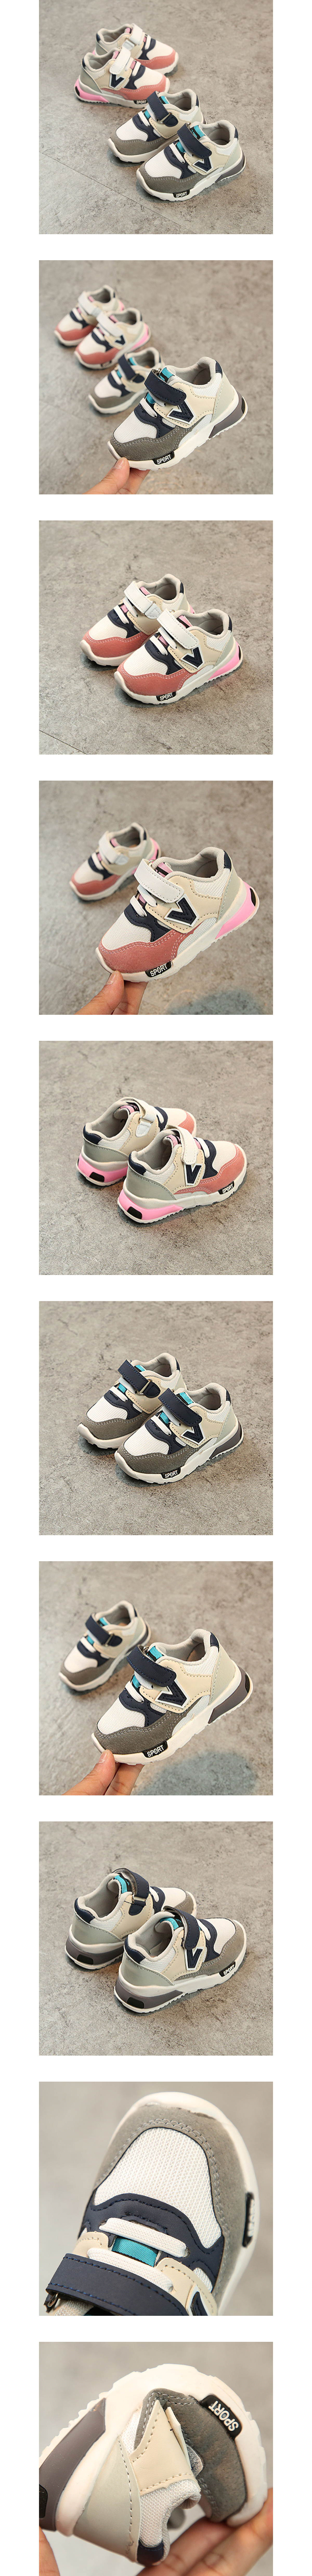 童鞋.V字拼接防滑休閒鞋.童裝